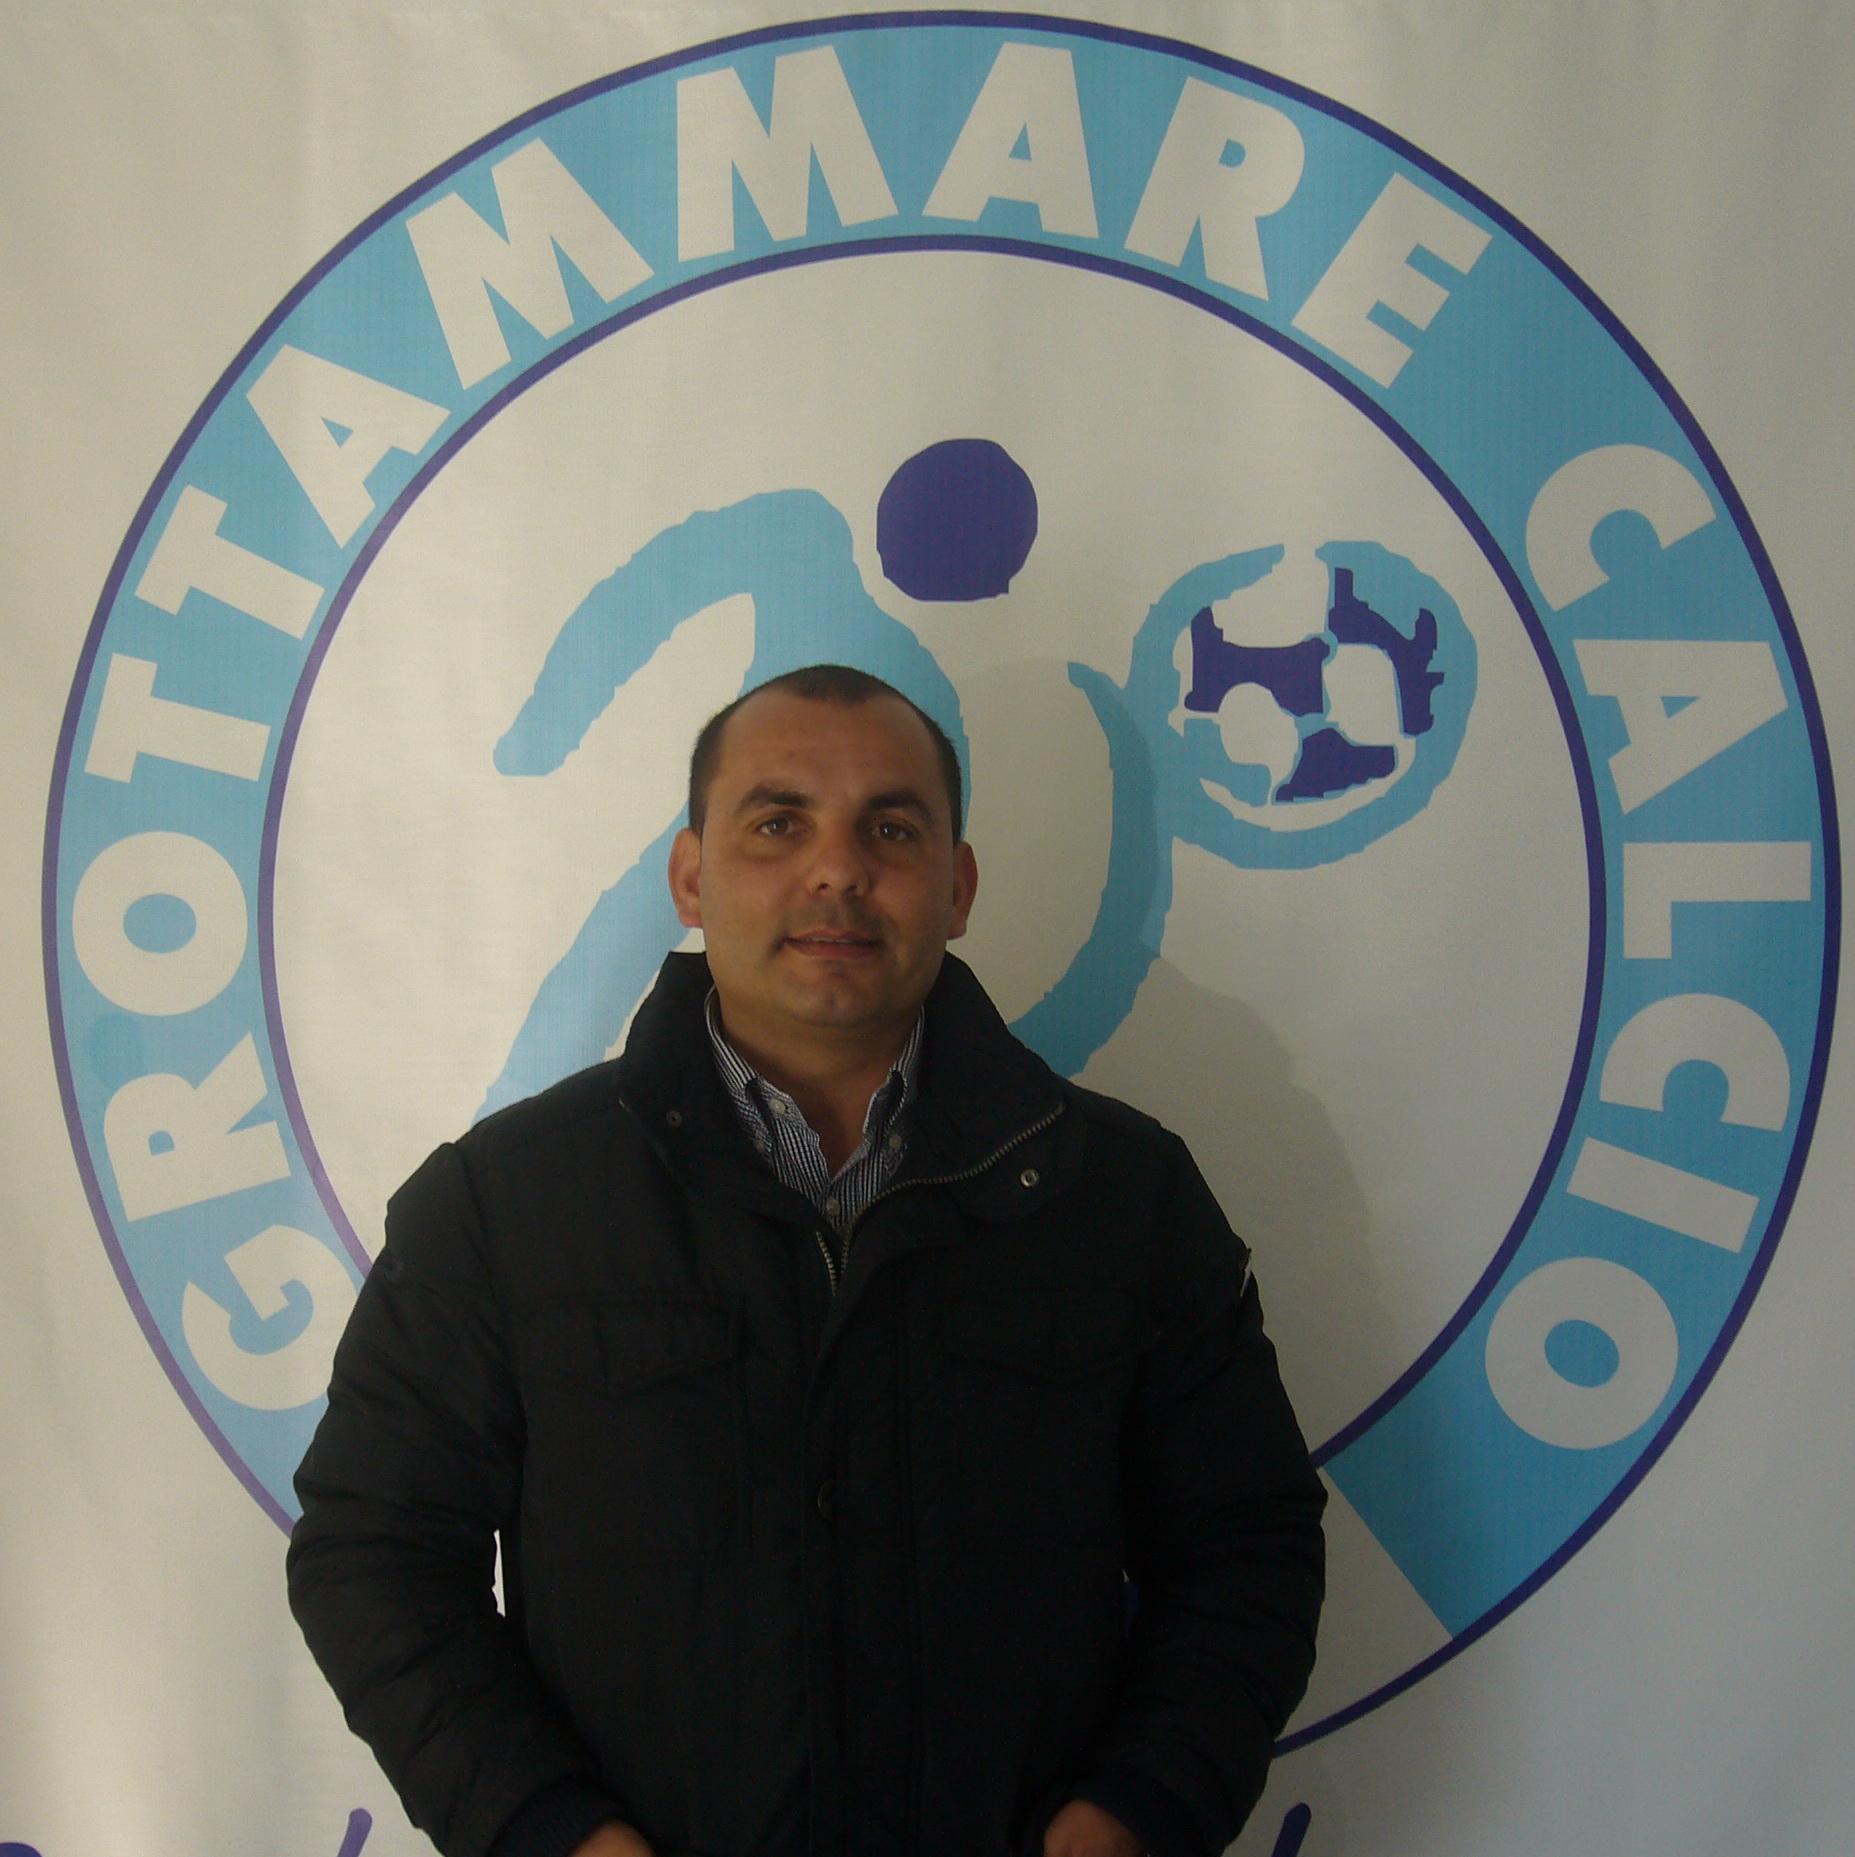 Luigi Furnari davanti al Logo del Grottammare calcio